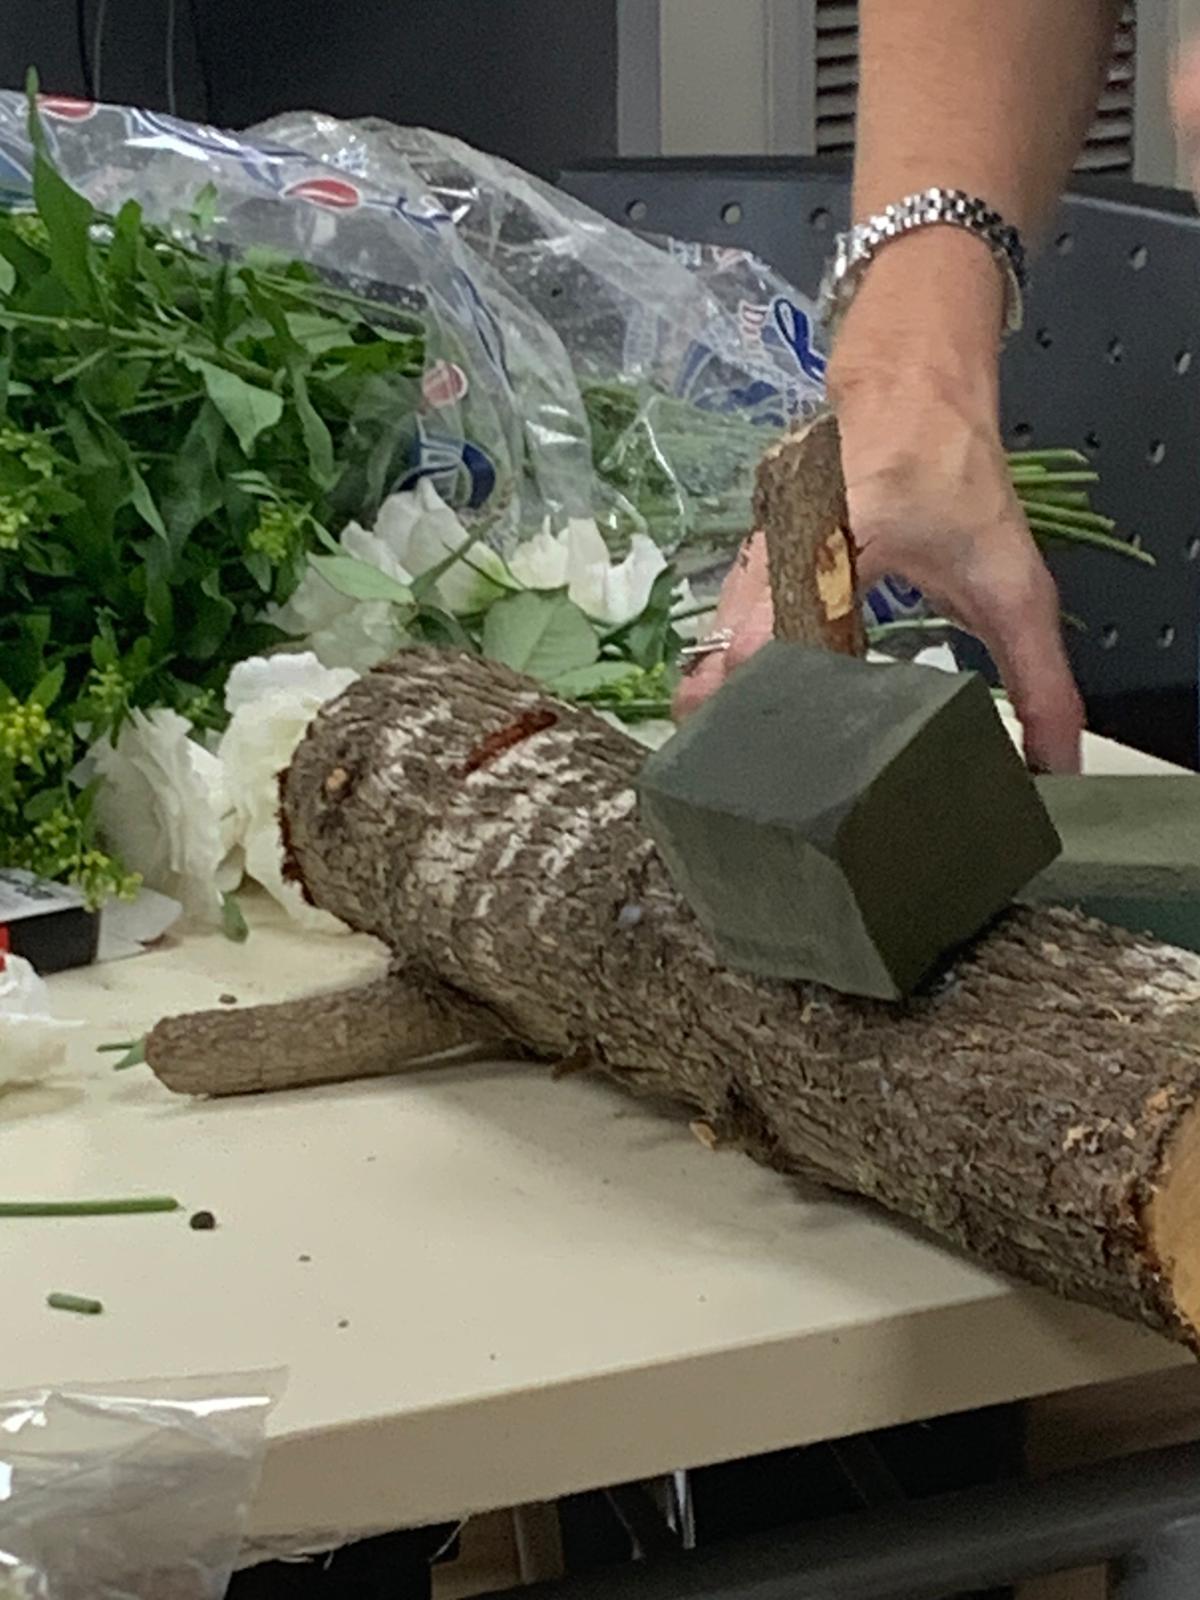 גלרייה - שיעור שזירת פרחים - קורס הפקת אירועים מחזור 24, 35 מתוך 35